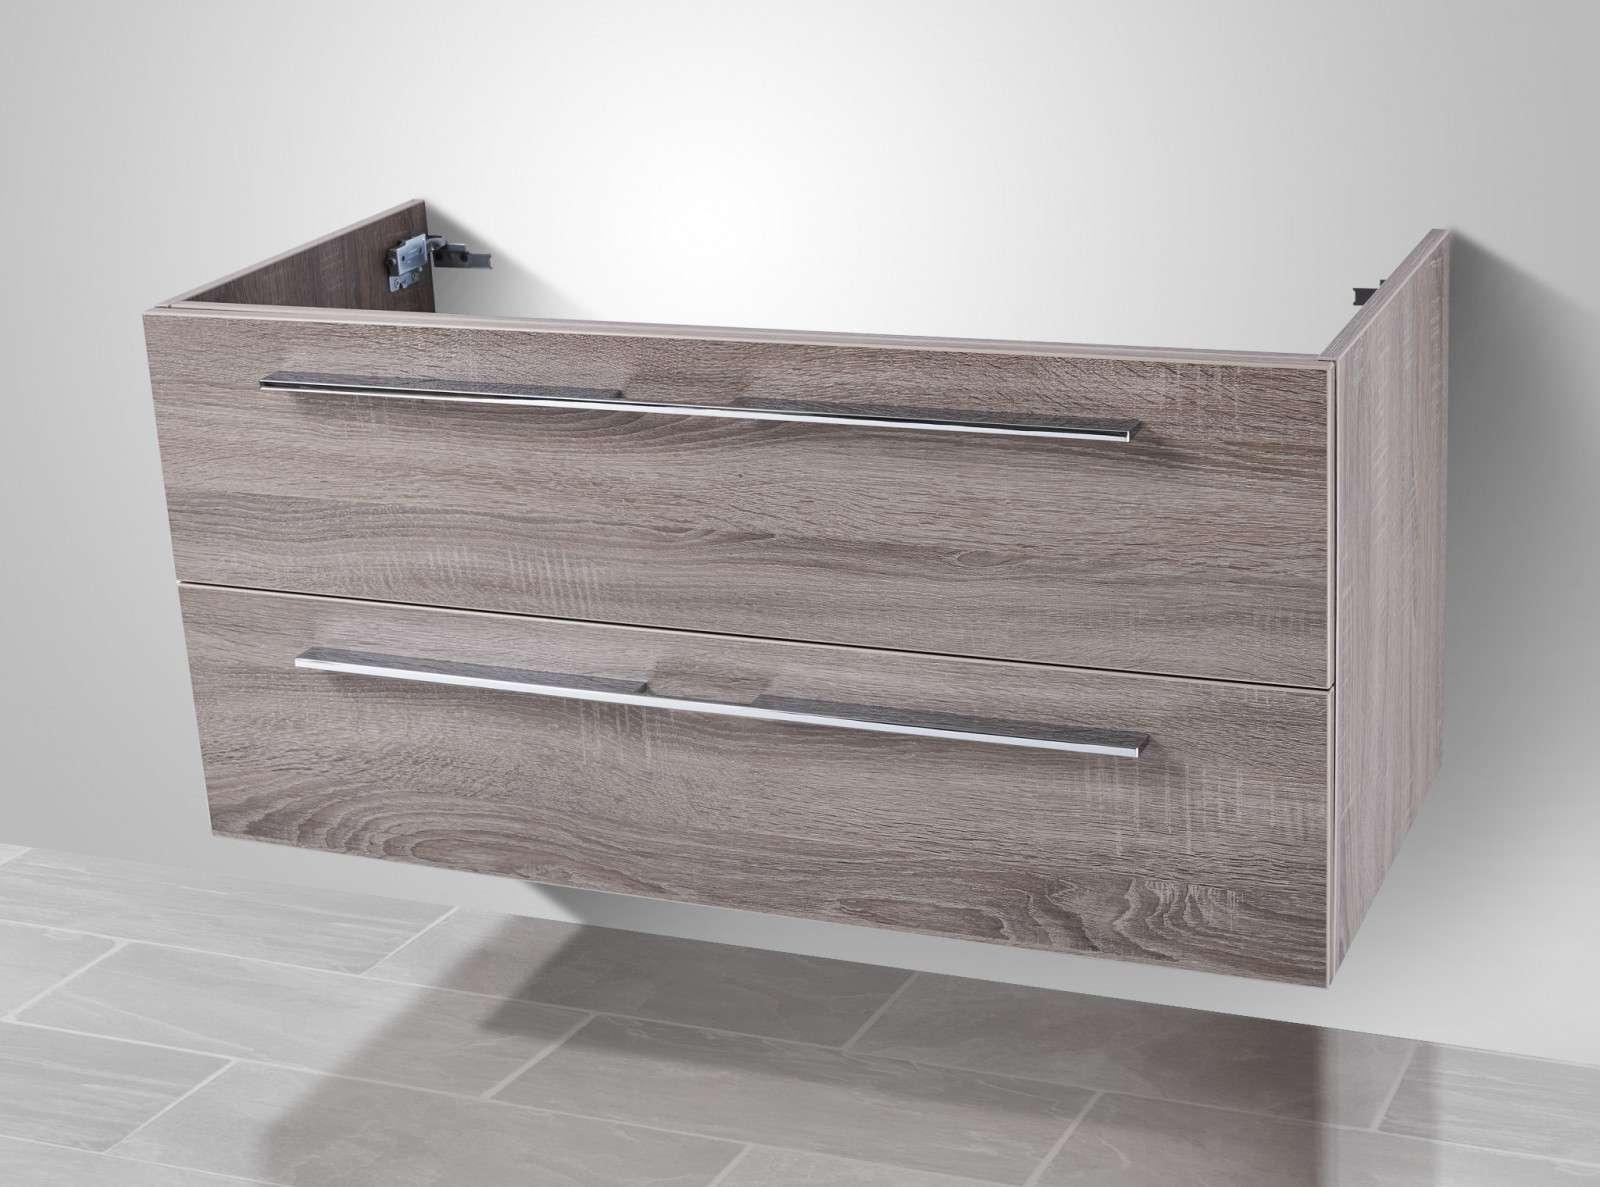 Waschtischunterschrank  Waschtisch Unterschrank als Zubehör für MyStyle 130 cm ...